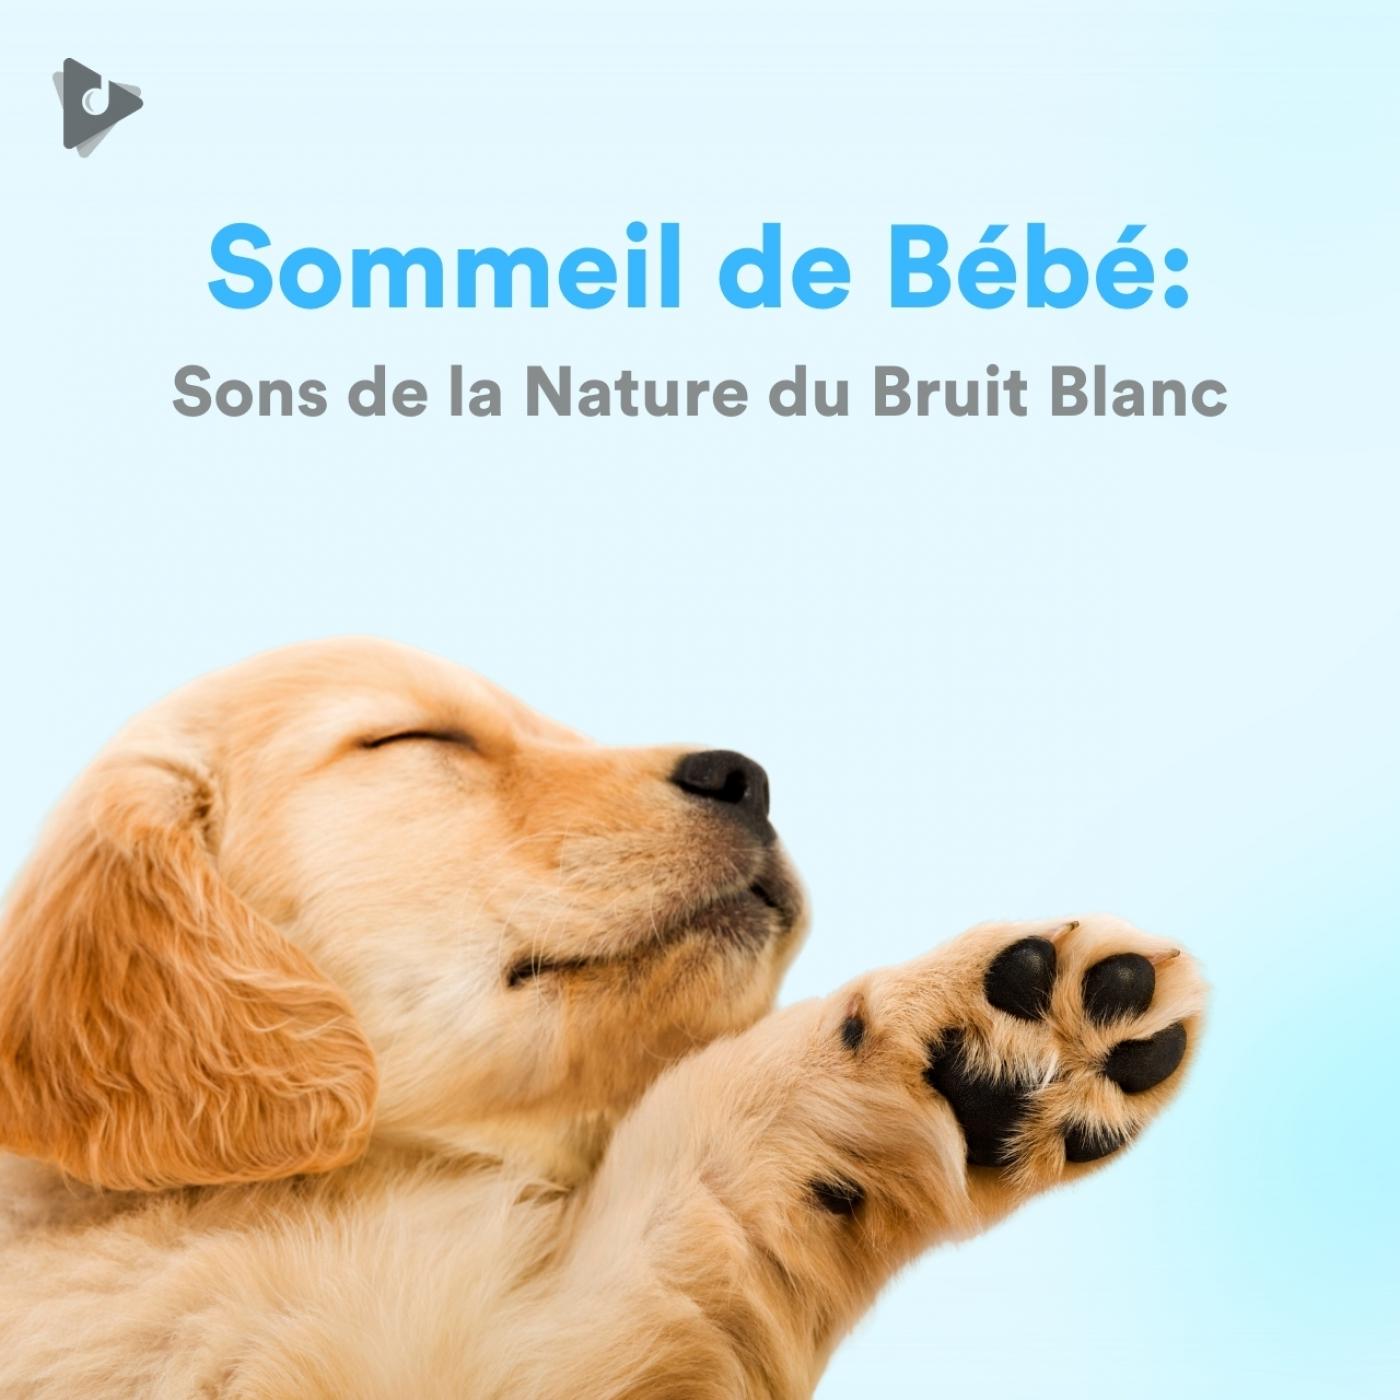 Sommeil de Bébé: Bruit Blanc Statique